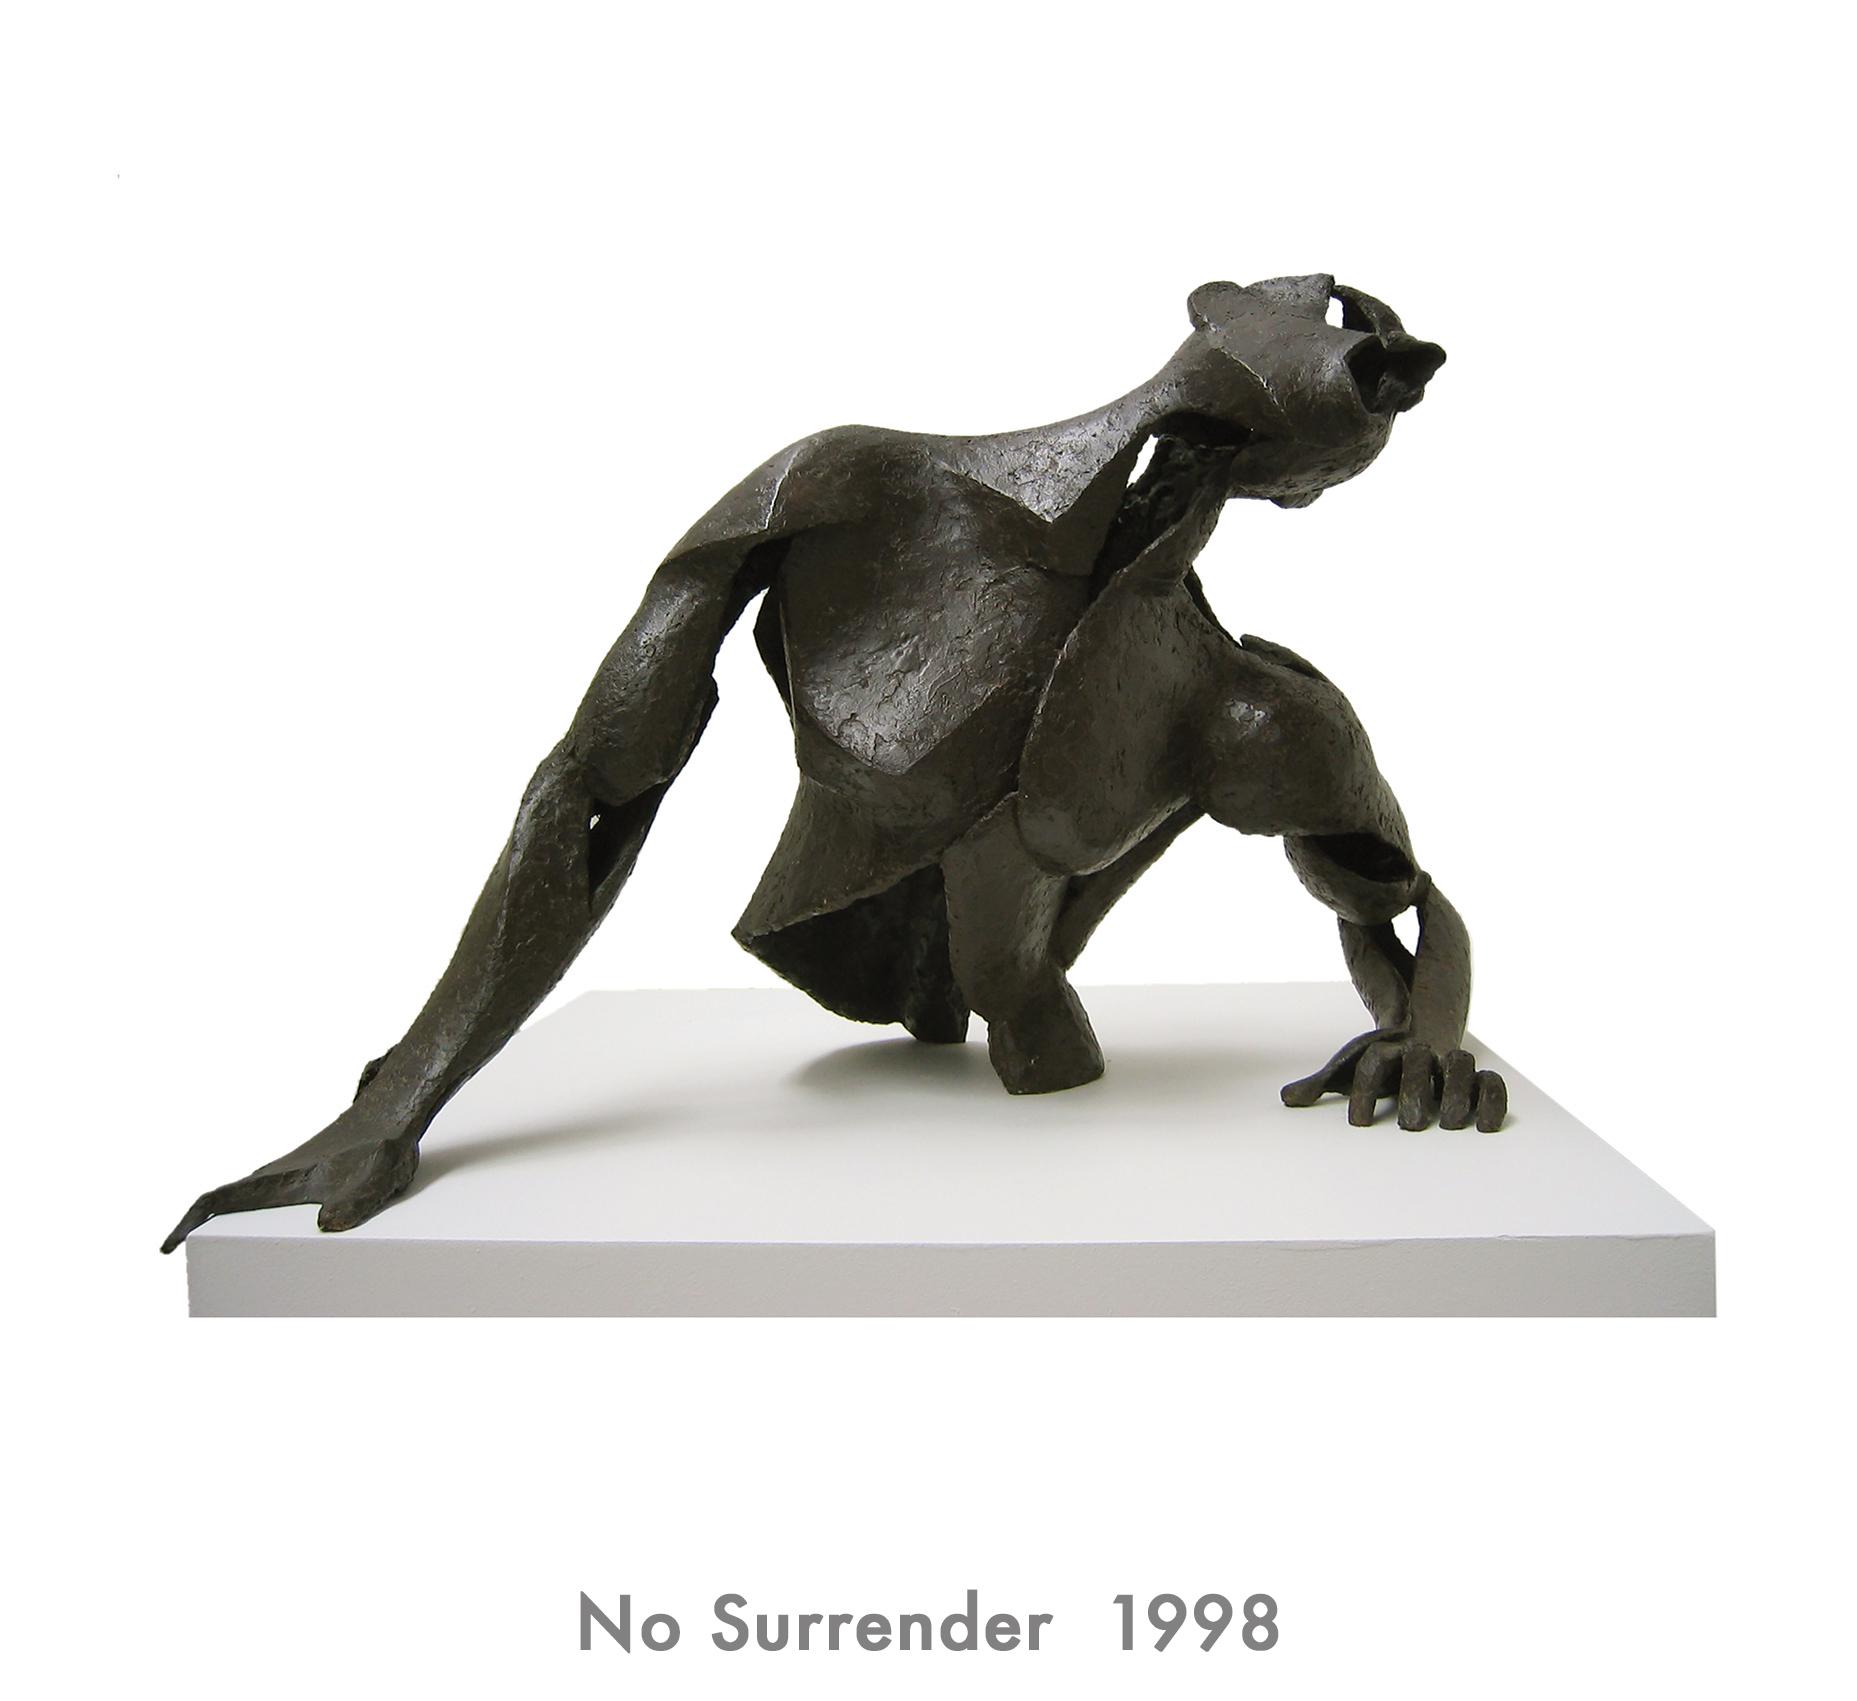 169 No Surrender copy.jpg